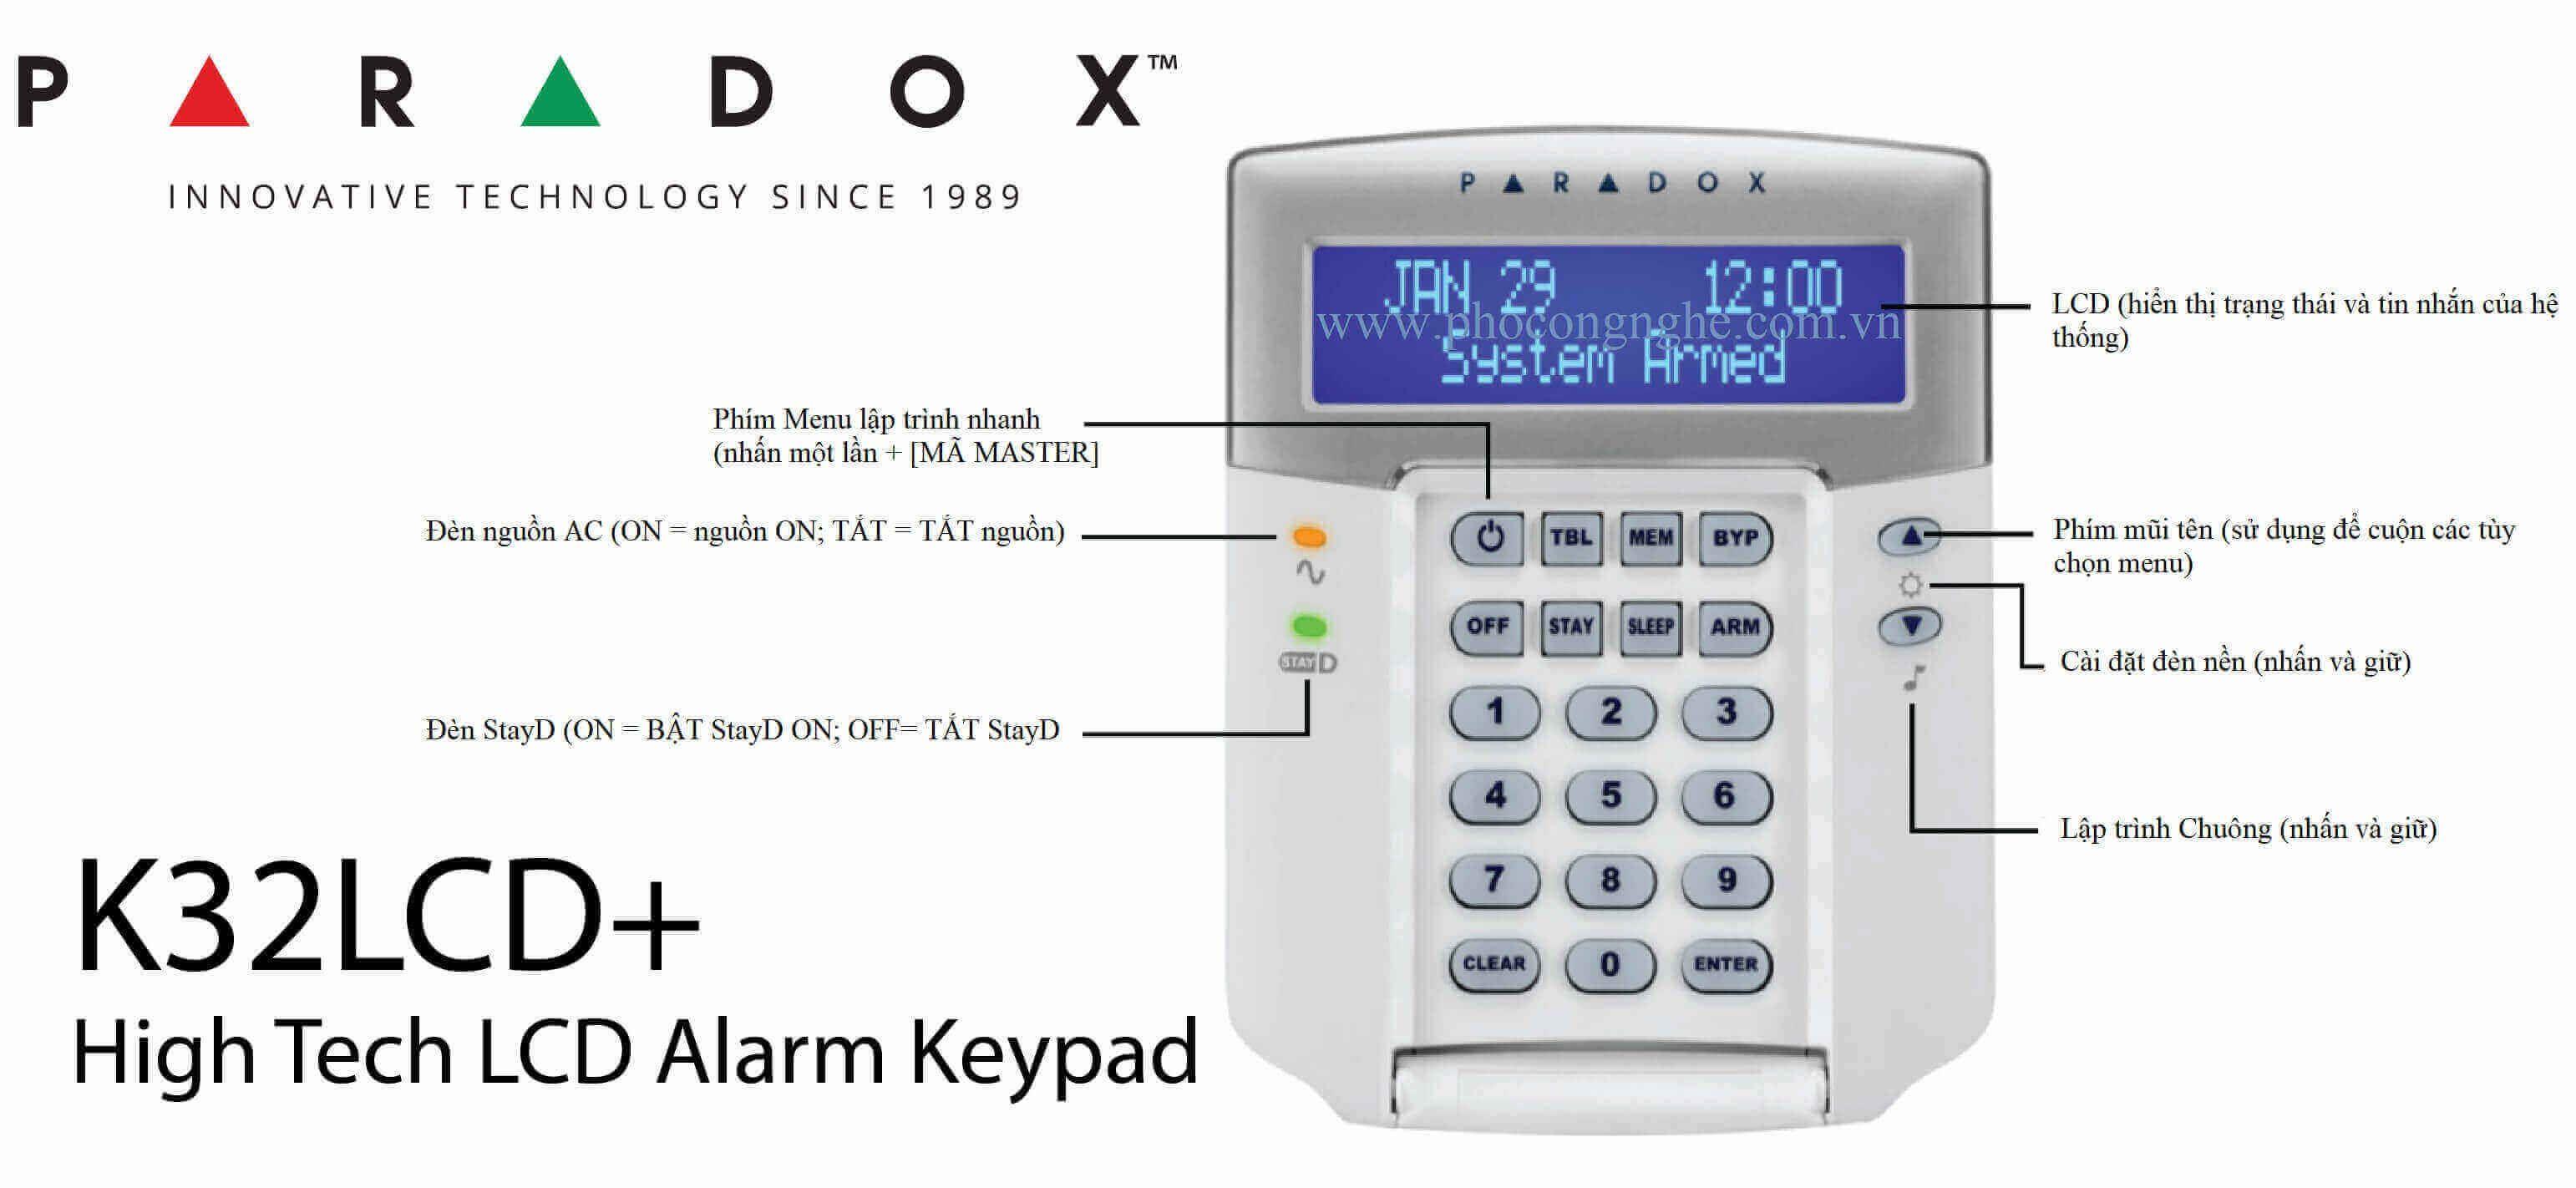 Mô tả bàn phím LCD Paradox K32LCD